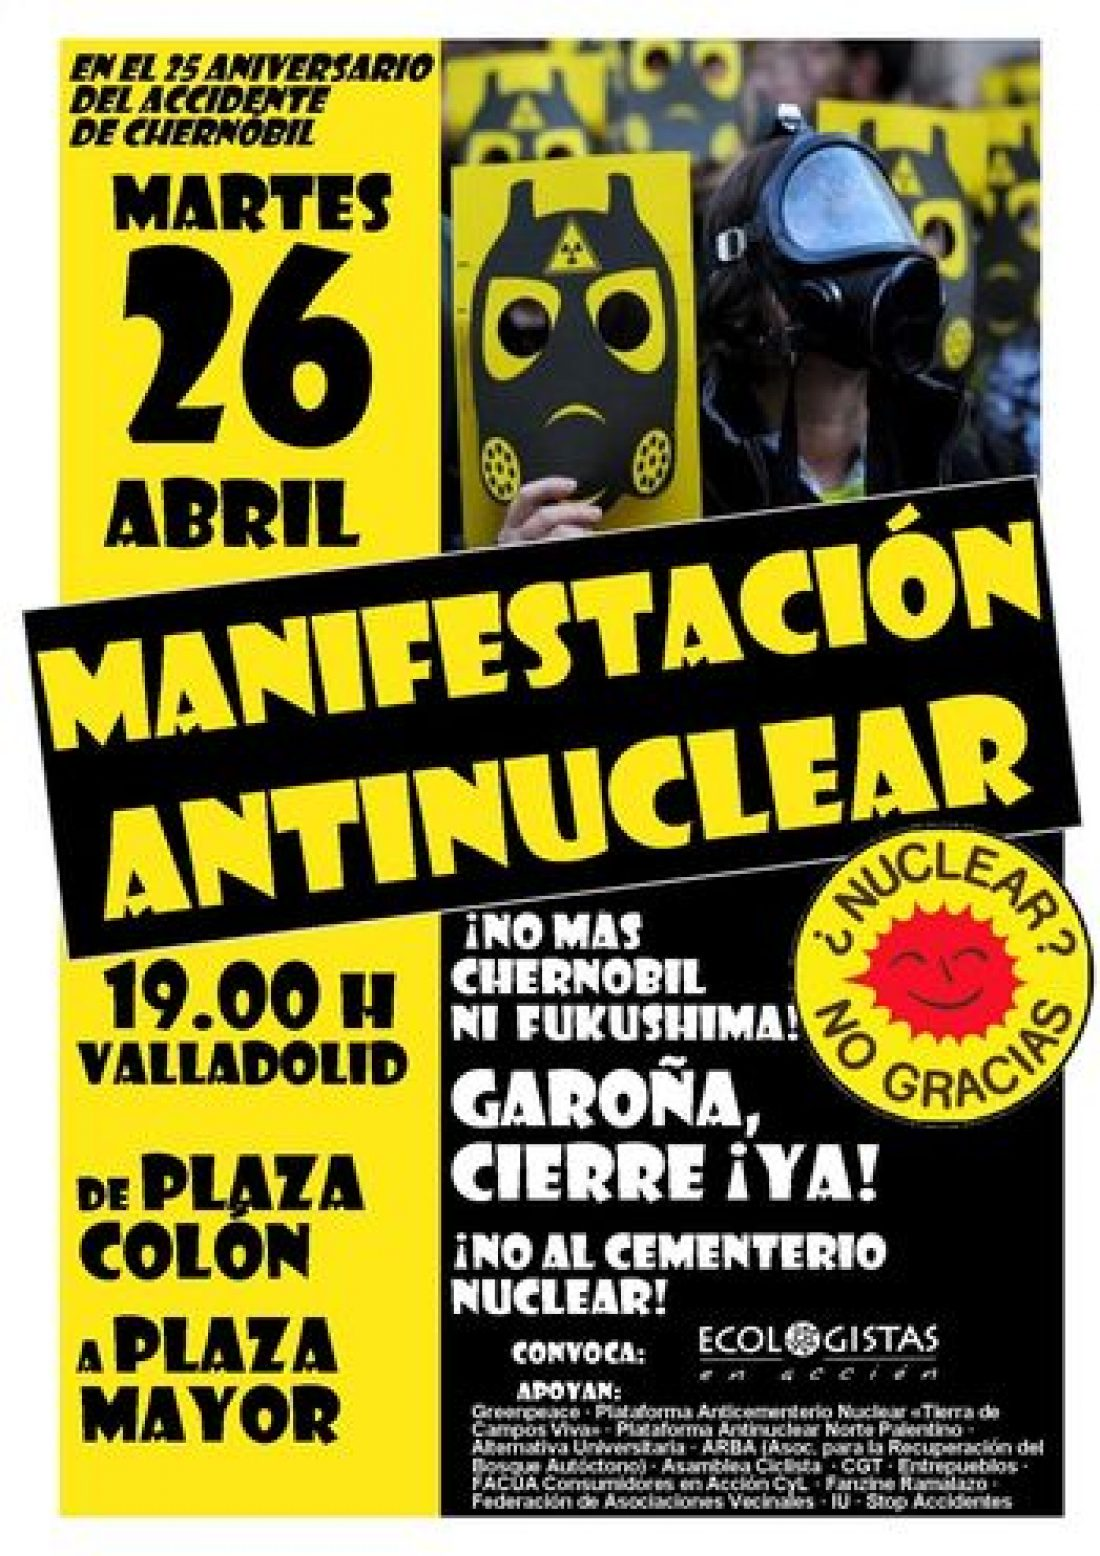 Valladolid, 26 de Abril: Manifestación antinuclear con motivo del 25 aniversario del accidente de Chernóbil